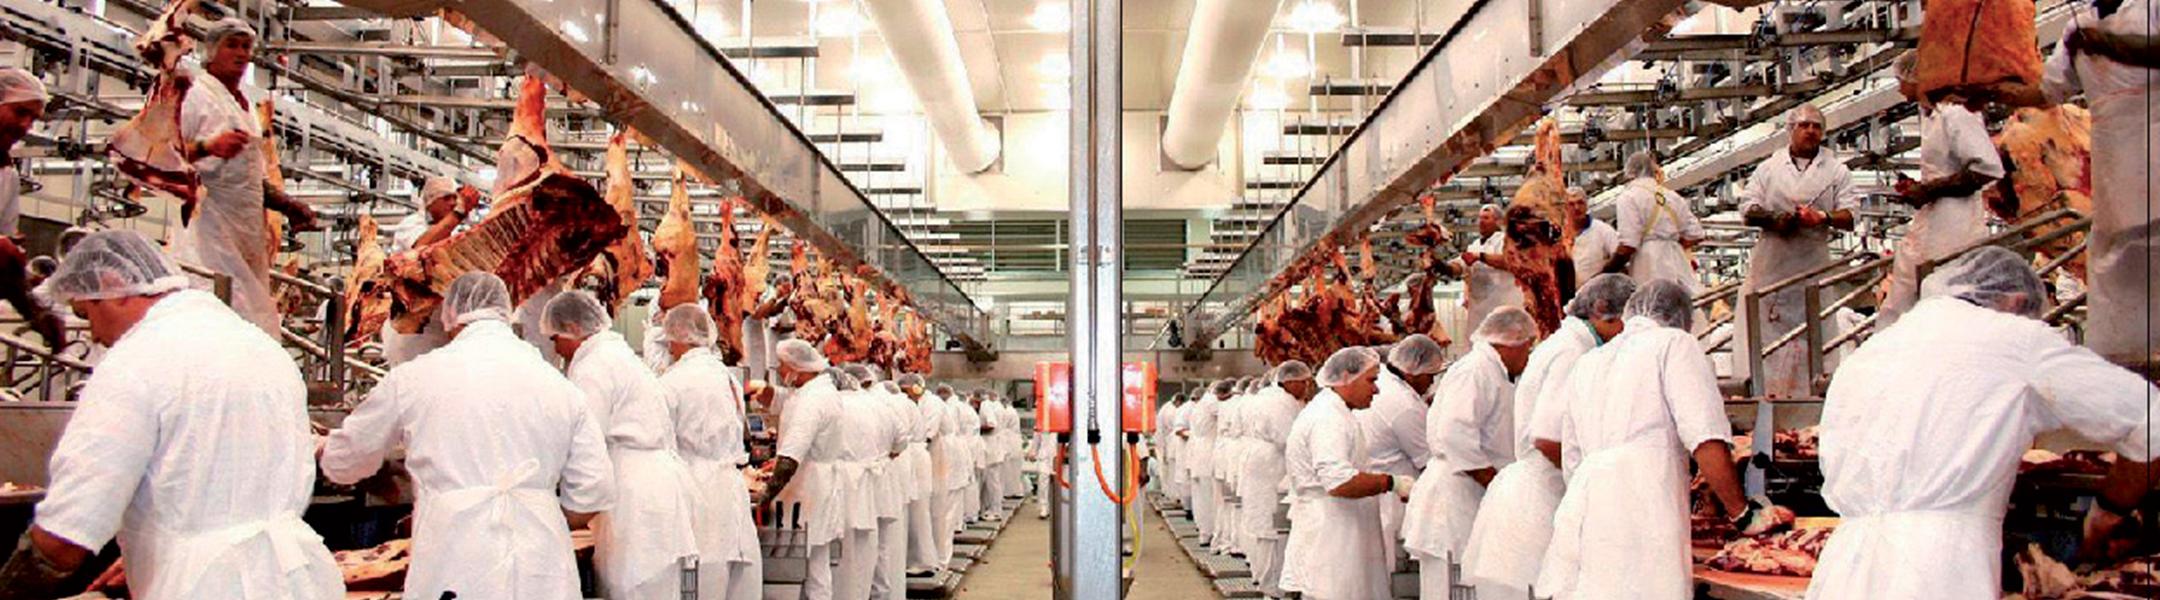 pavimentazioni industria alimentare della carne